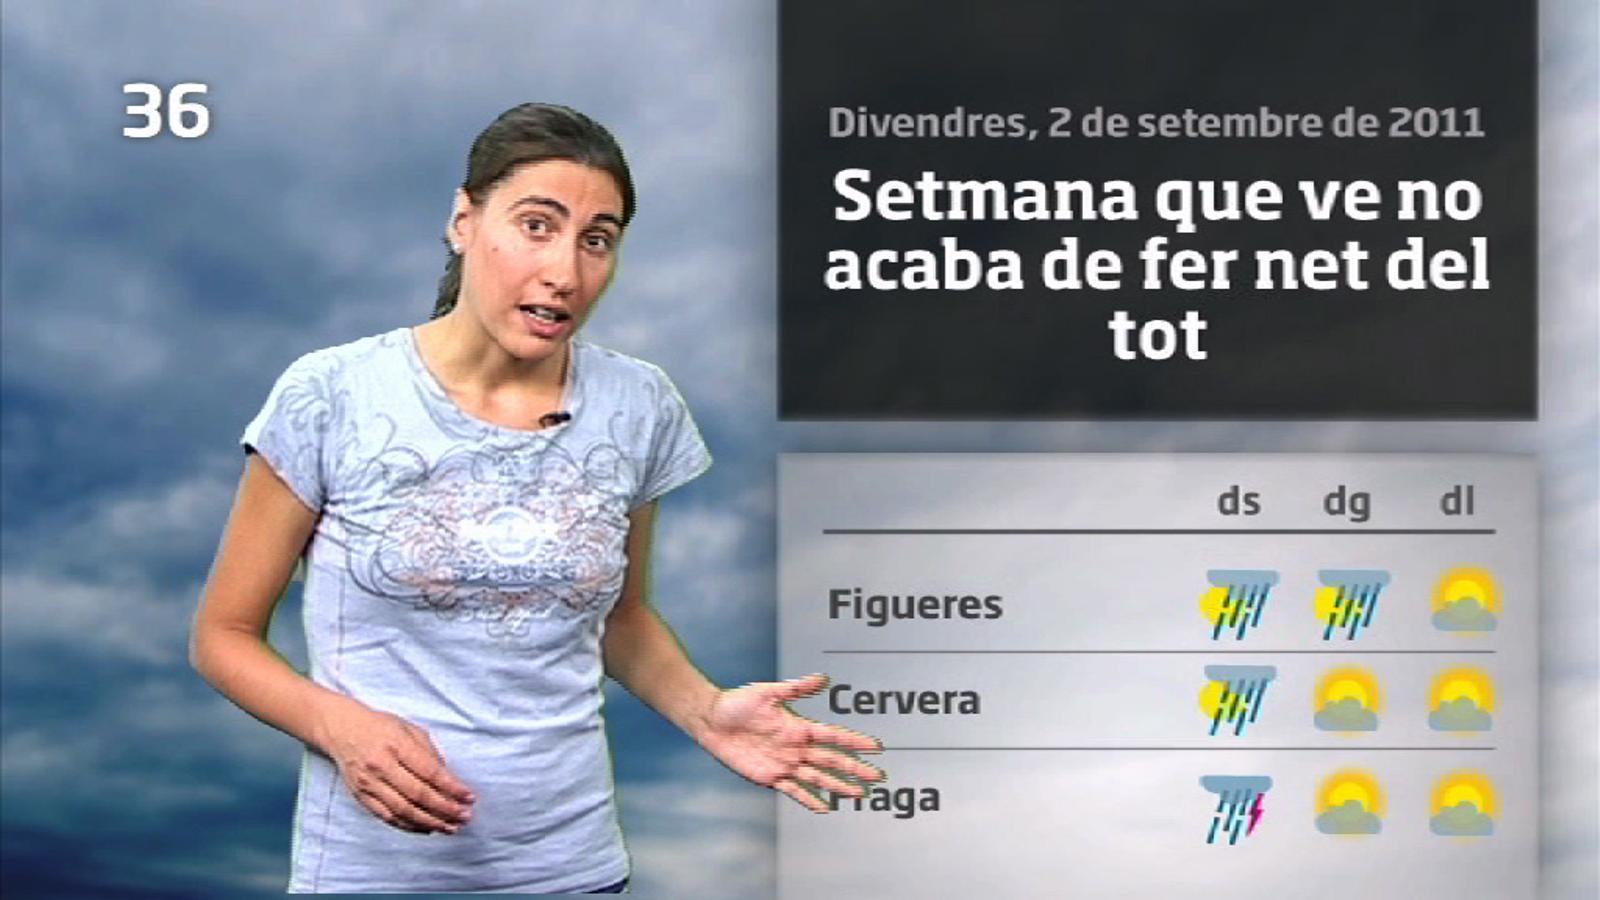 La Méteo en 1 minut: dissabte de ruixats i tempestes fortes (02/09/2011)